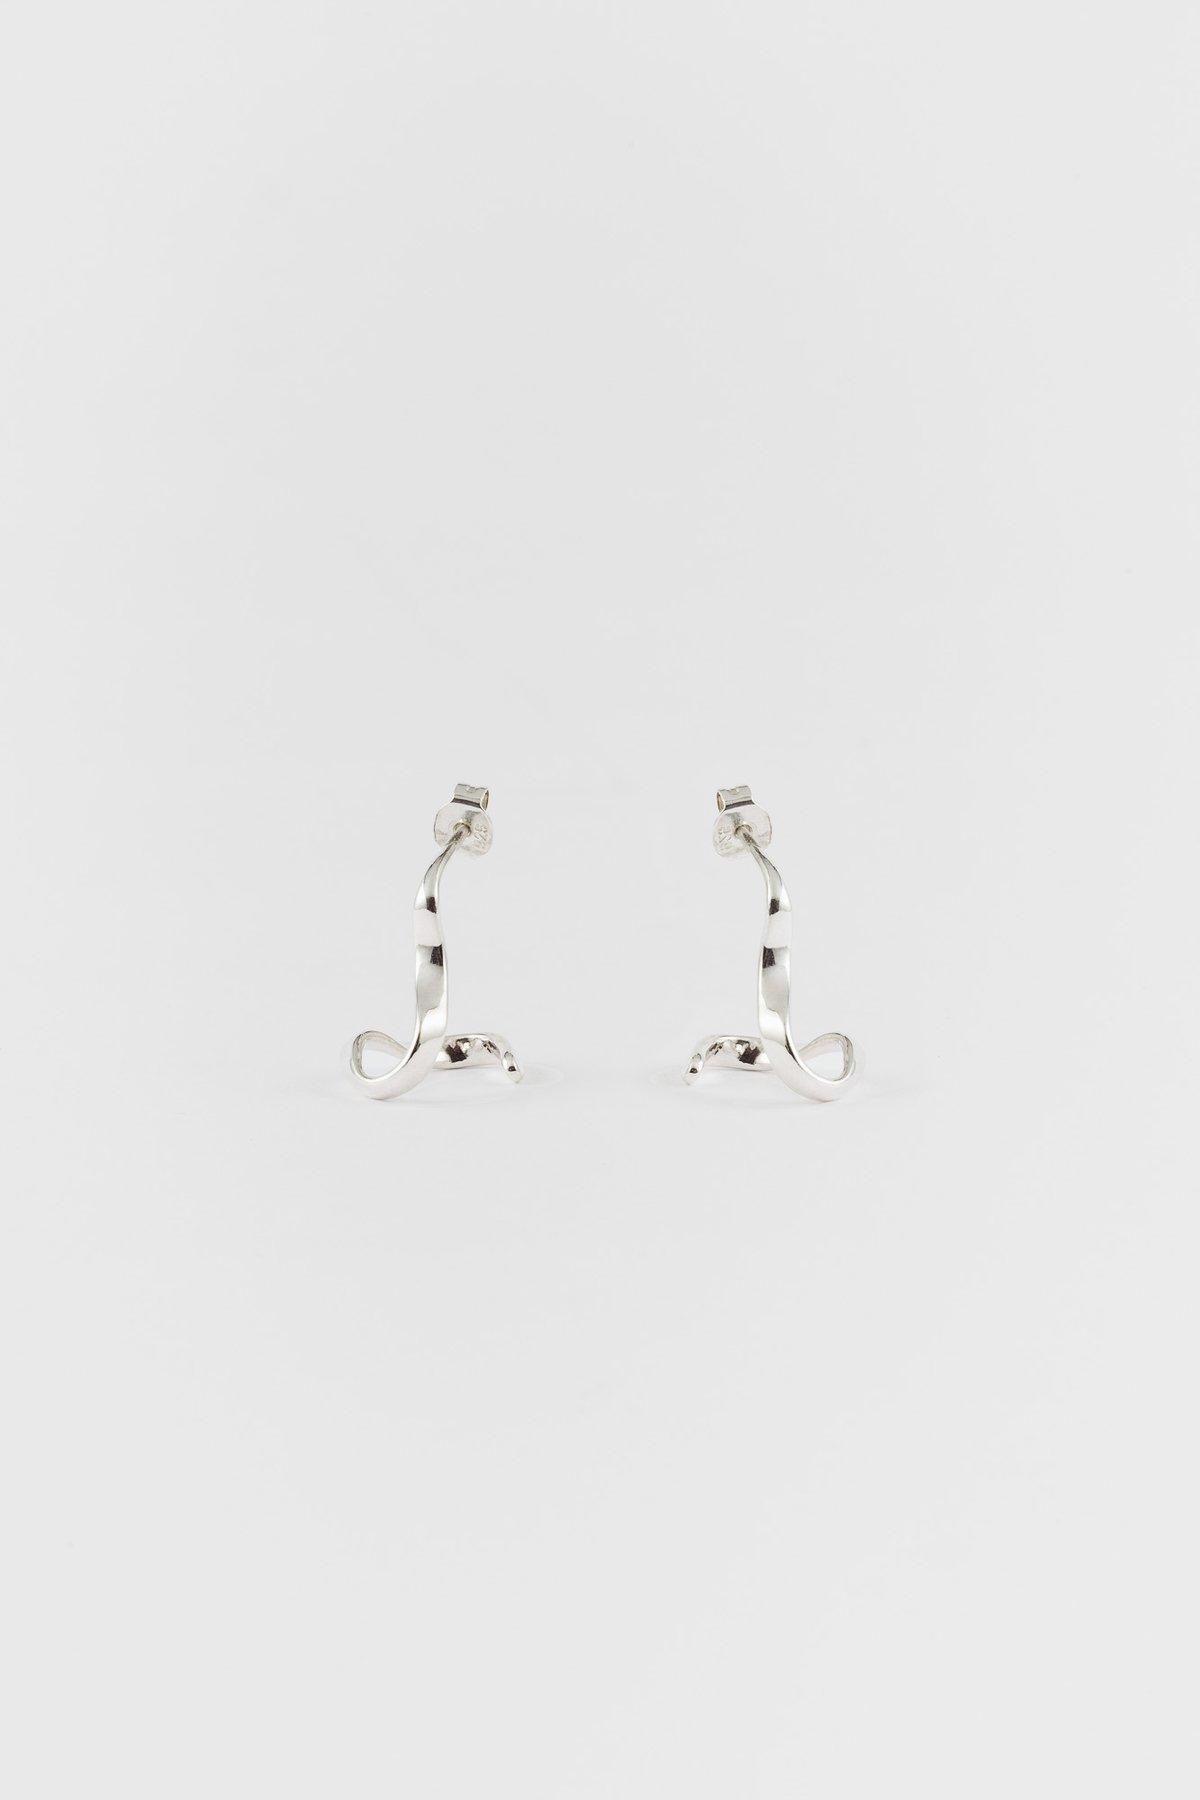 Image of helix earrings